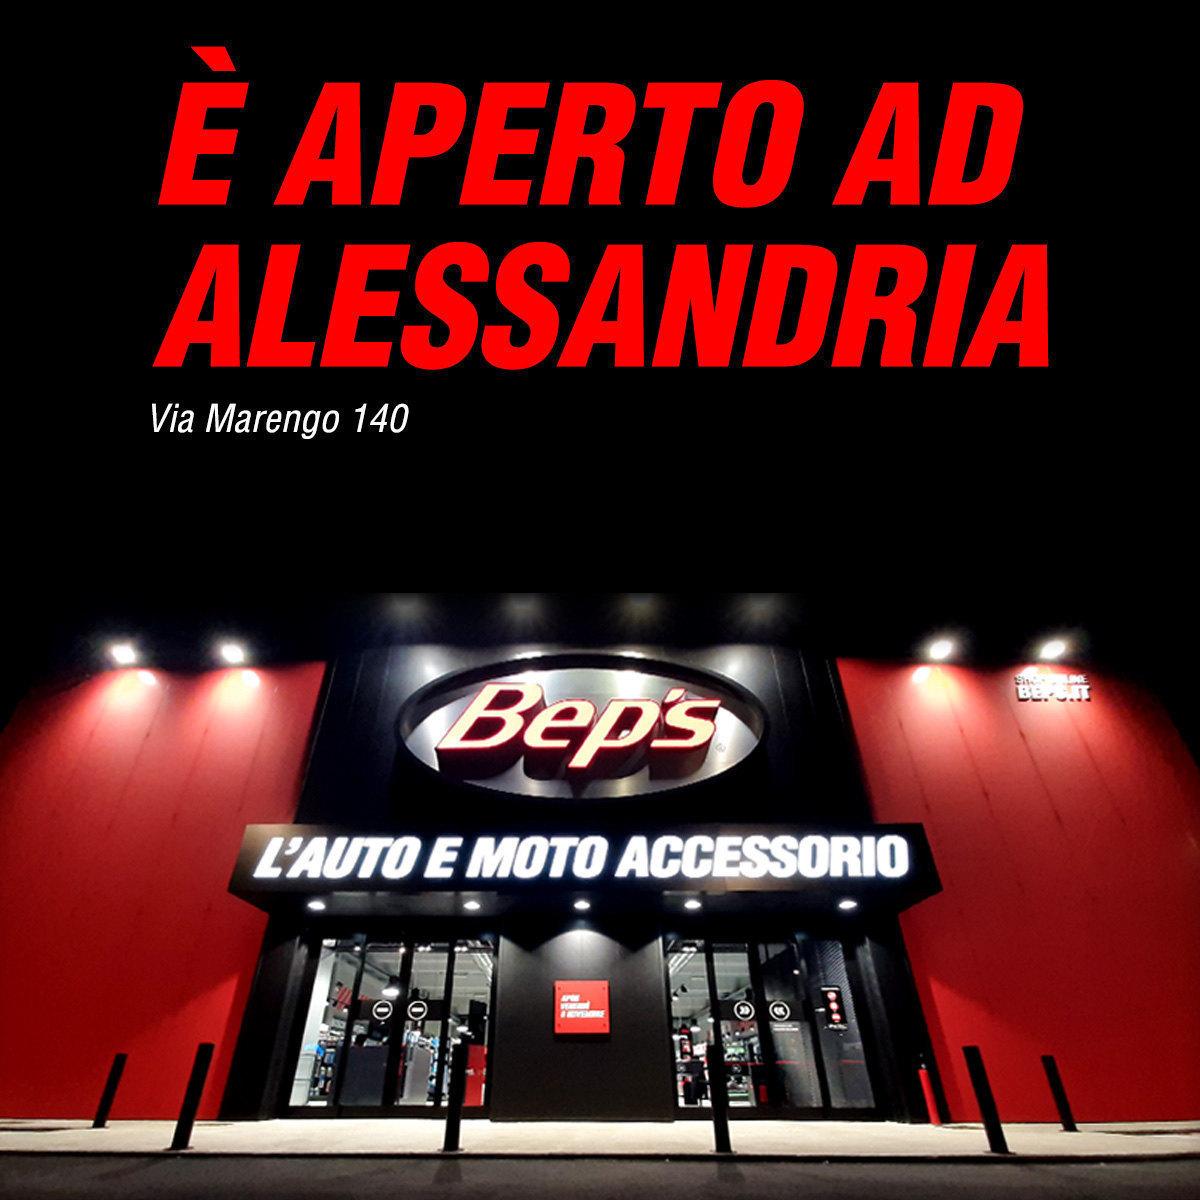 Nuovo Bep's Alessandria!